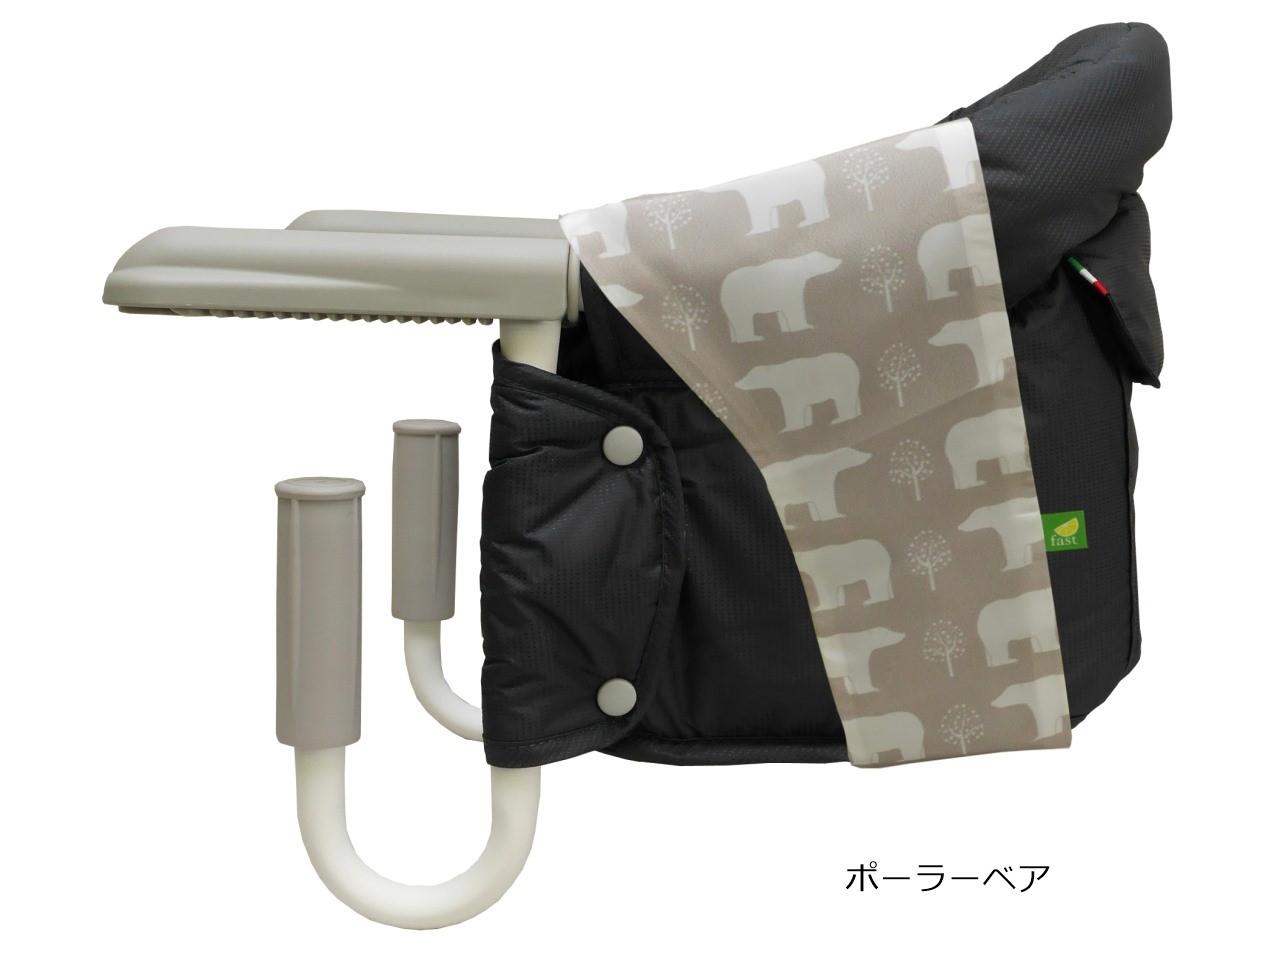 イングリッシーナ テーブルチェア用ビブドレス【最短翌日発送】